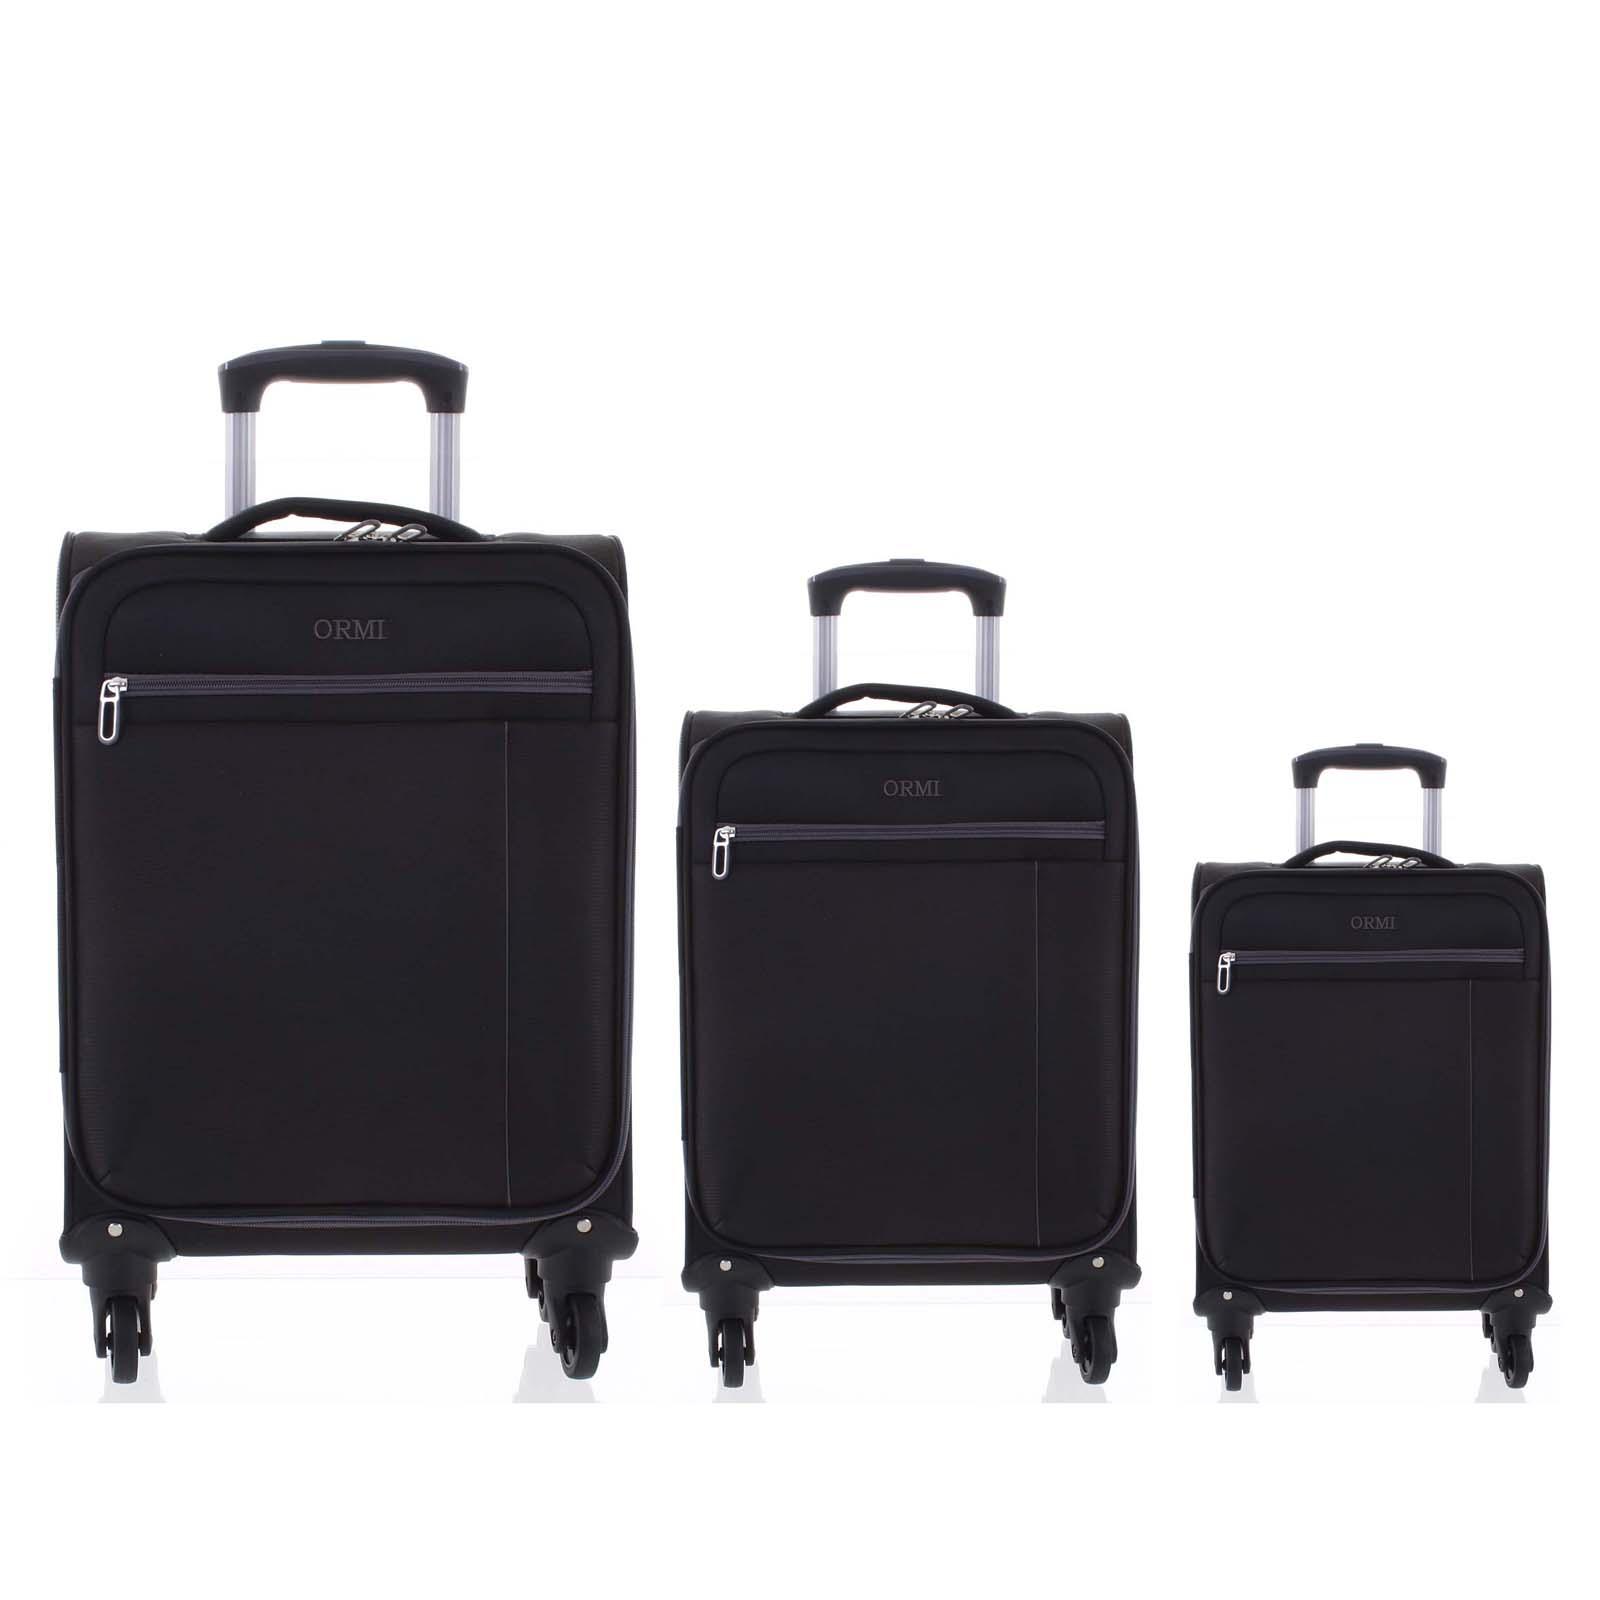 5e391c8921 Kvalitný elegantný látkový čierny cestovný kufor sada - Ormi Mada L ...